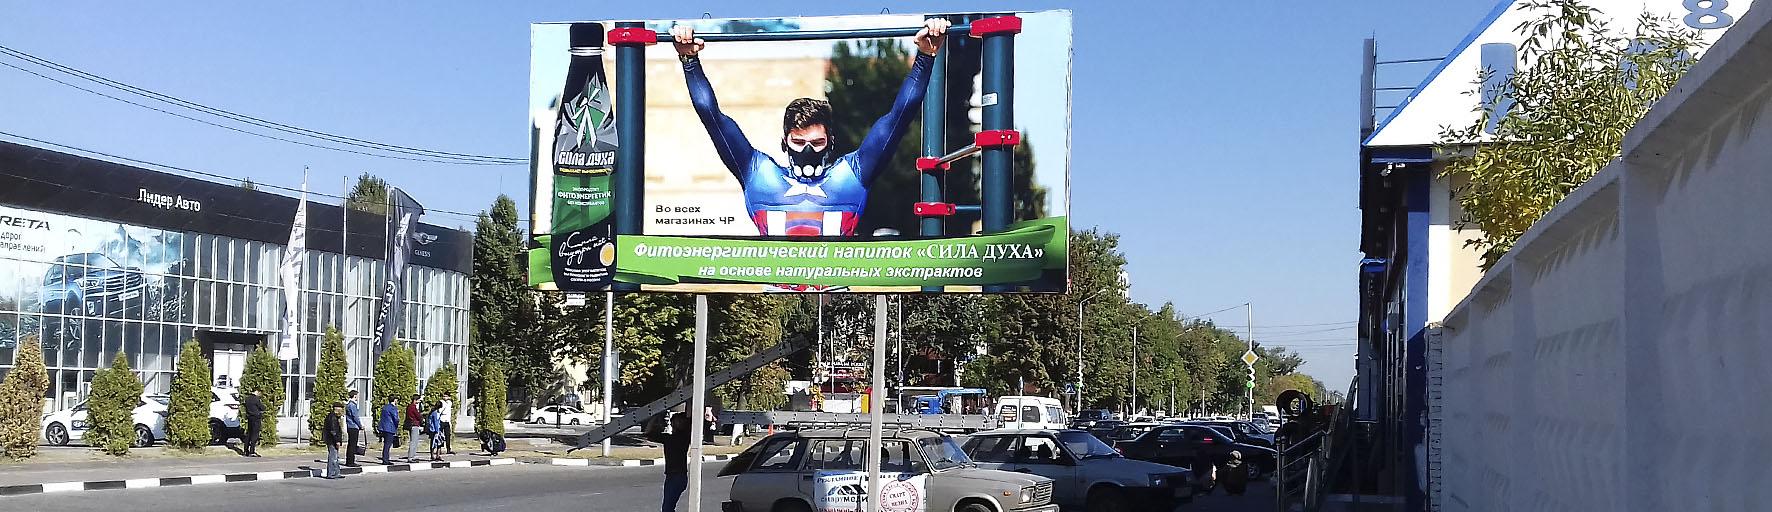 Проведение рекламной кампании в Грозном Чечня